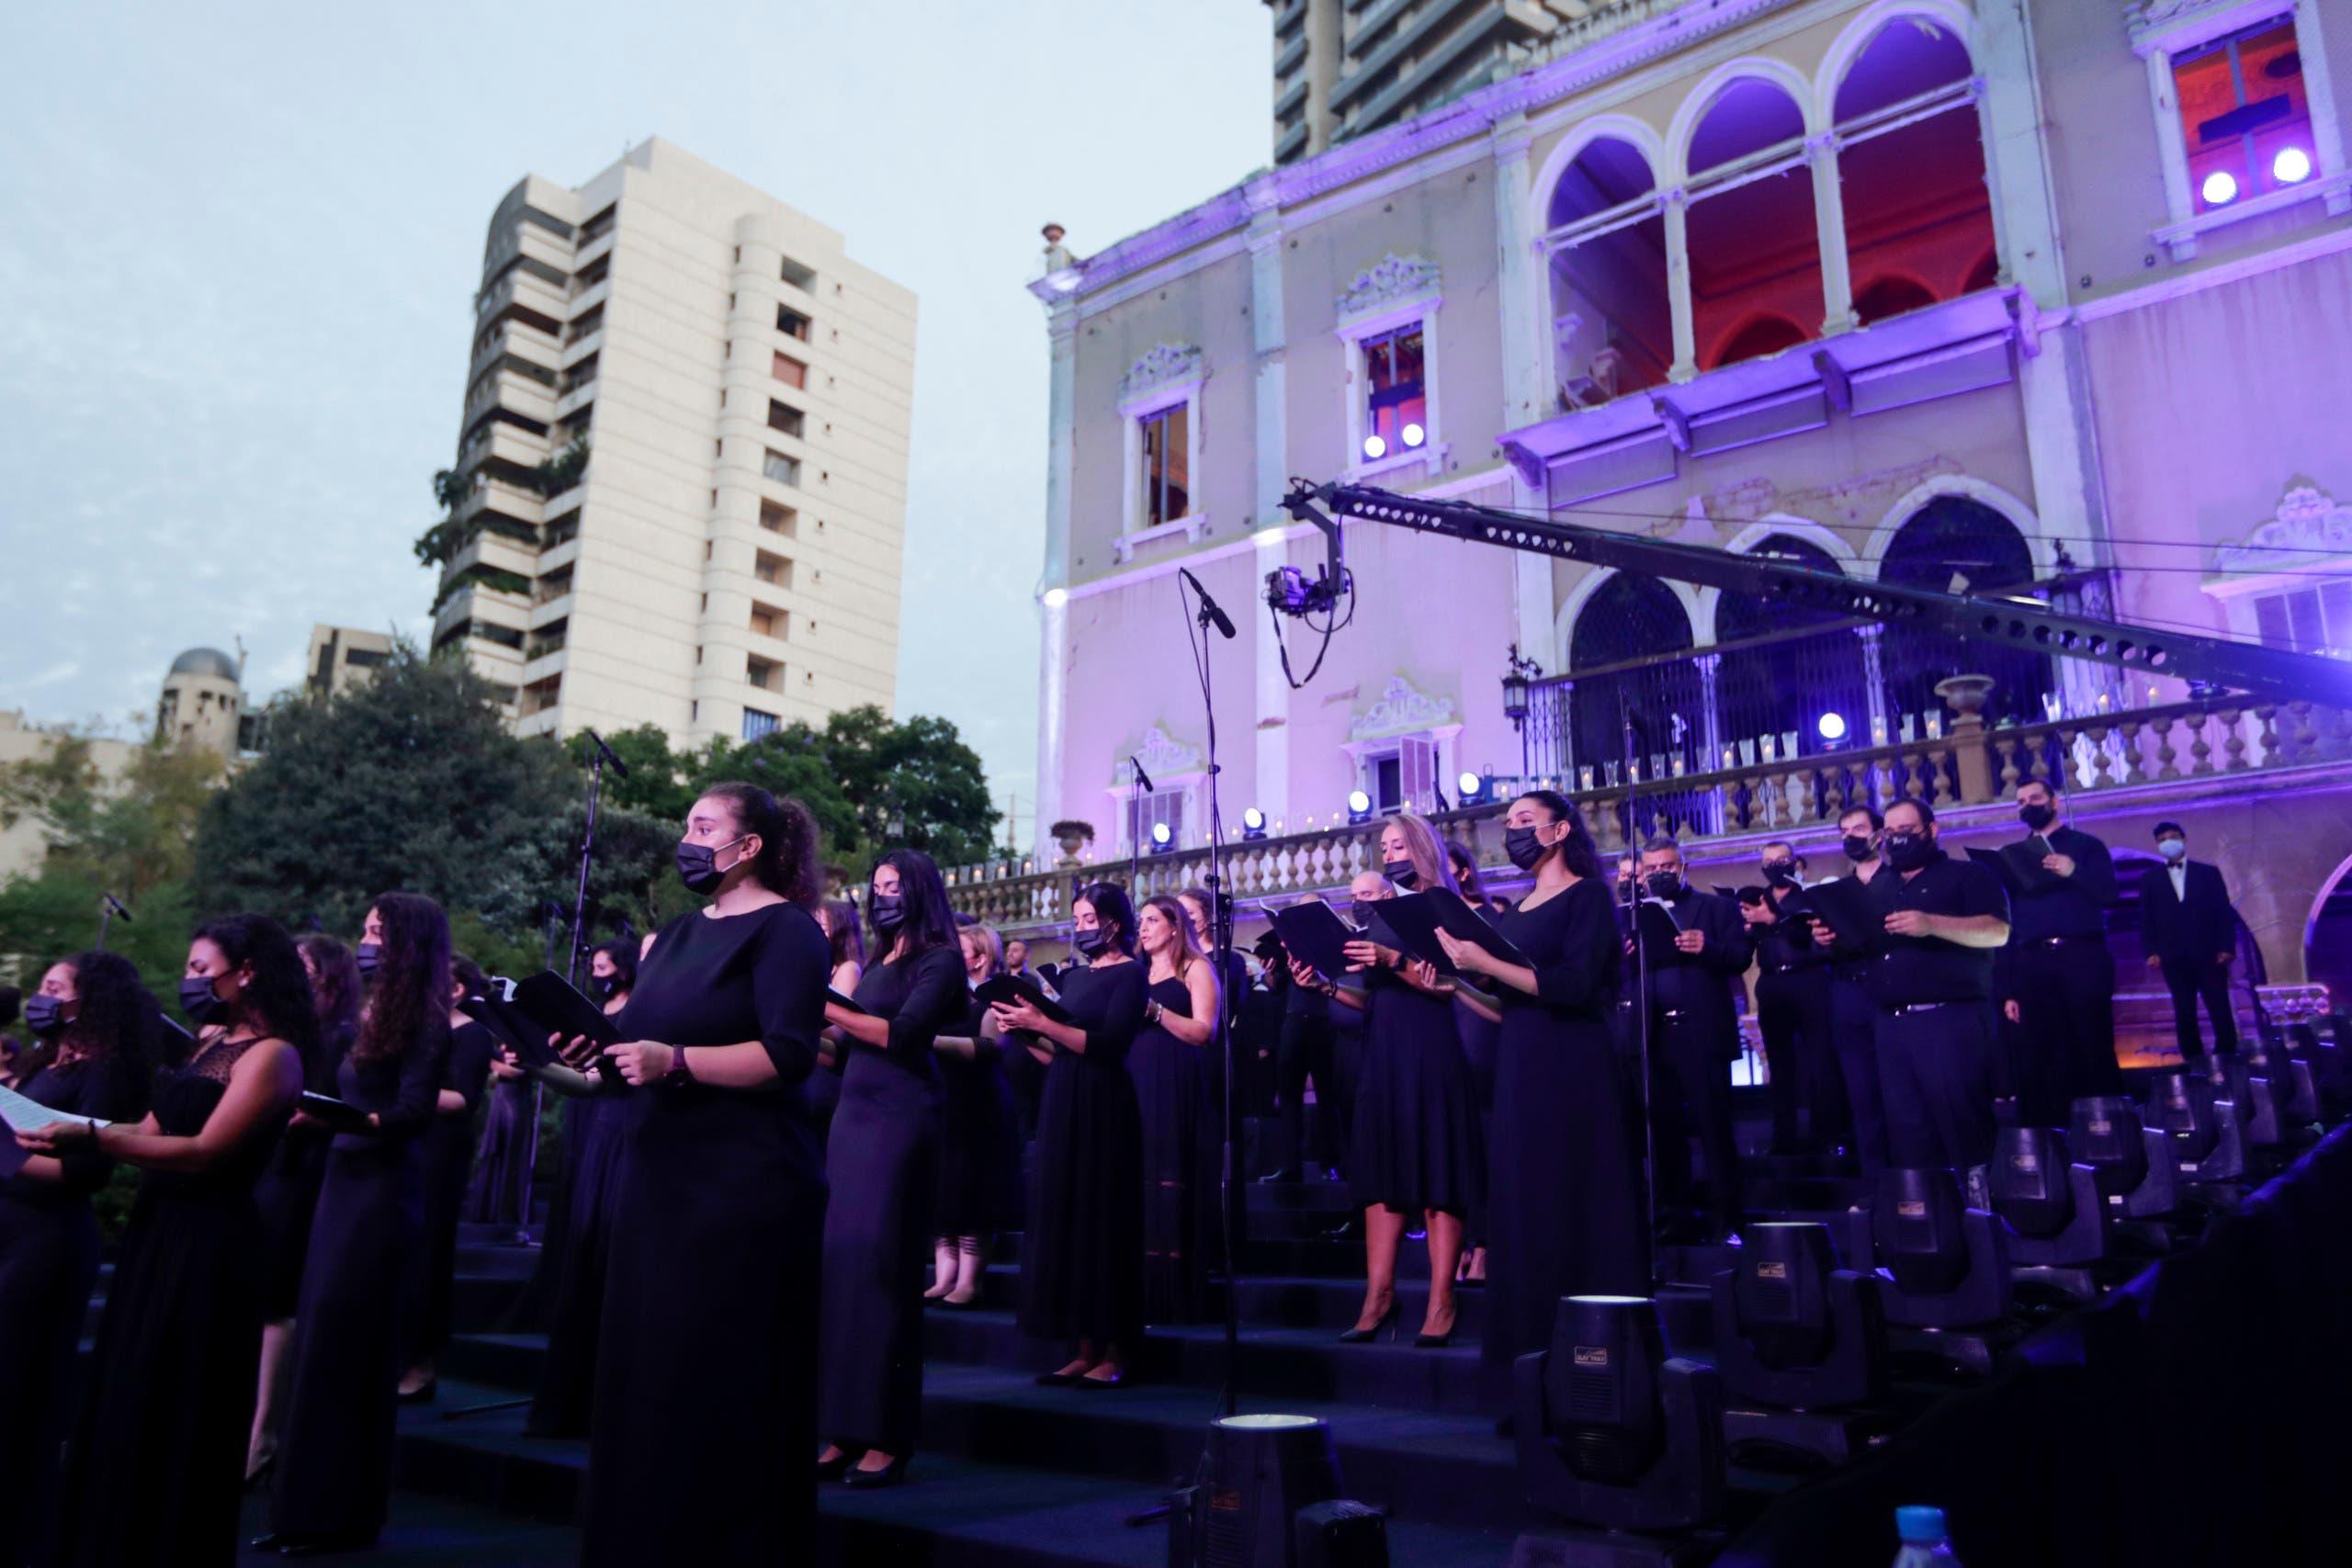 قصر دمره انفجار مرفأ بيروت يستضيف حفلة موسيقية تحية لأرواح ضحايا انفجار بيروت 1